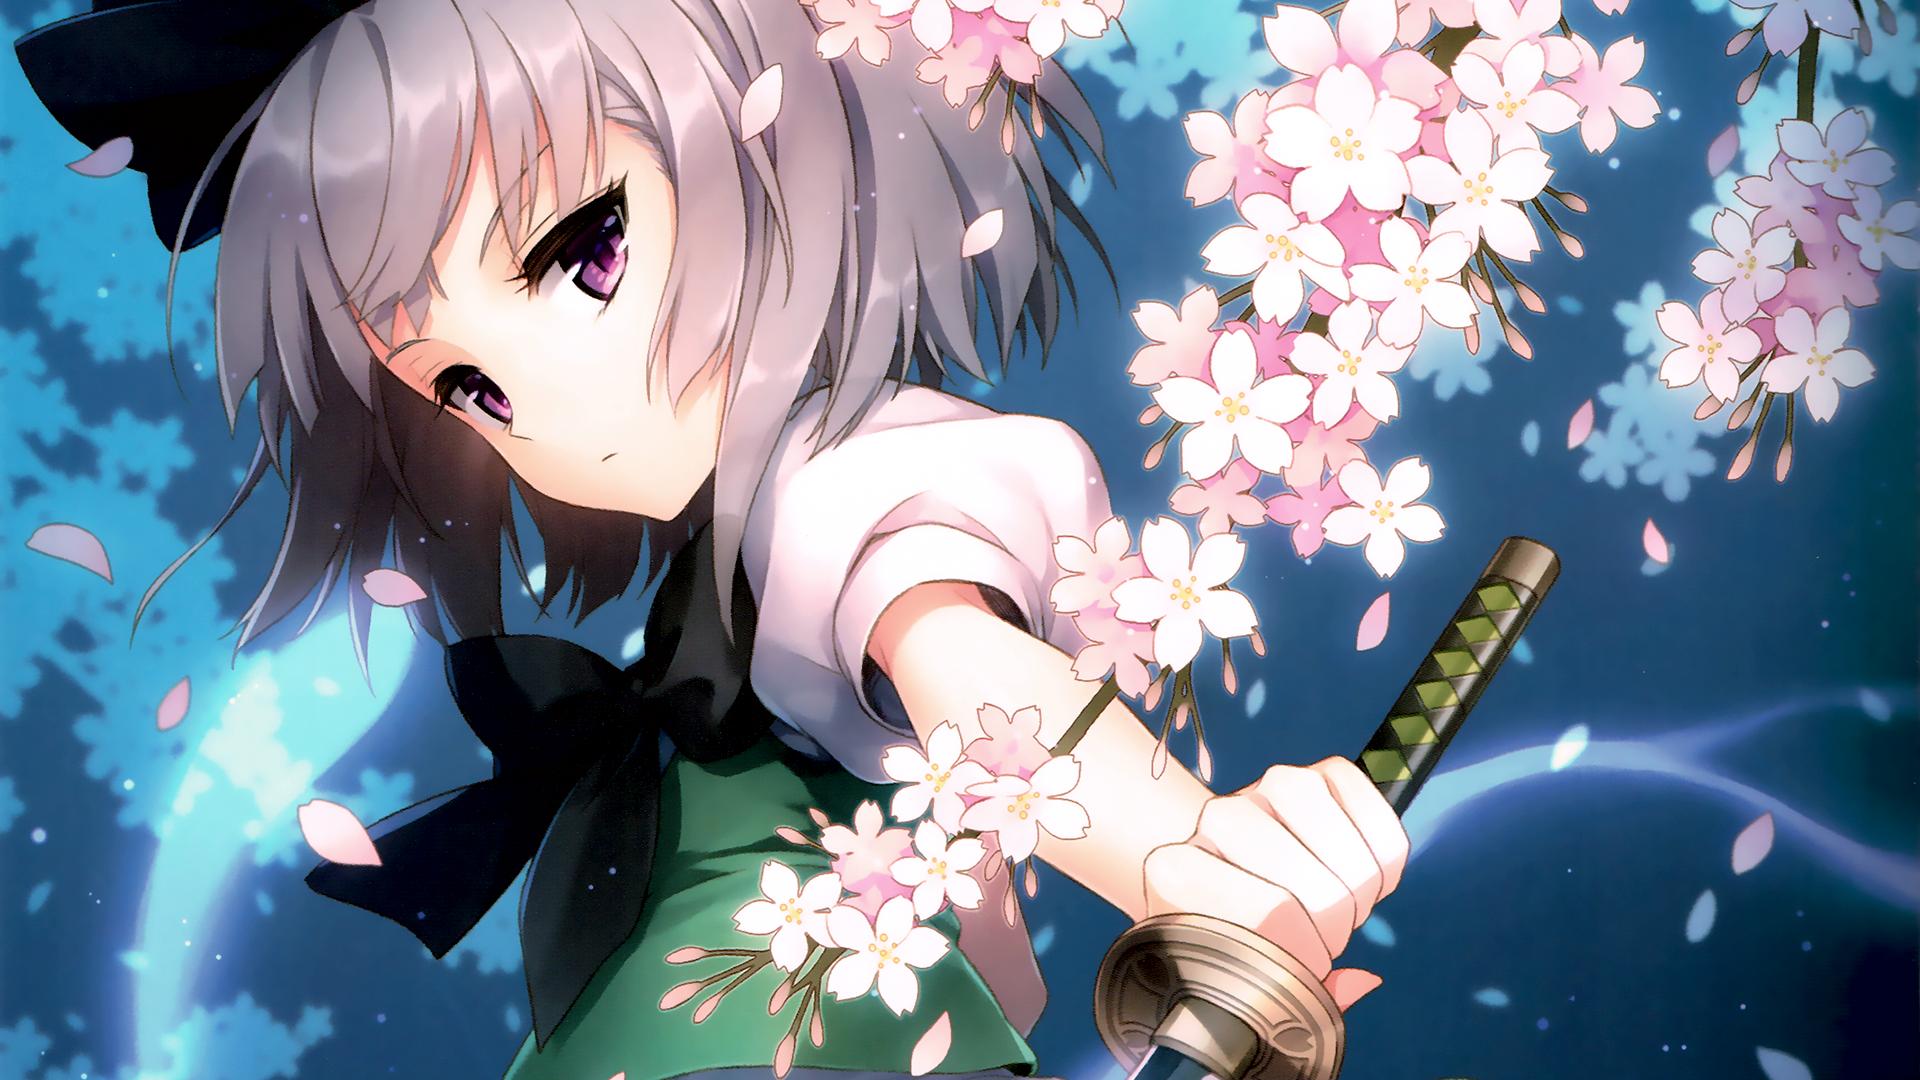 Fondos de pantalla : ilustración, Flores, Anime, Touhou